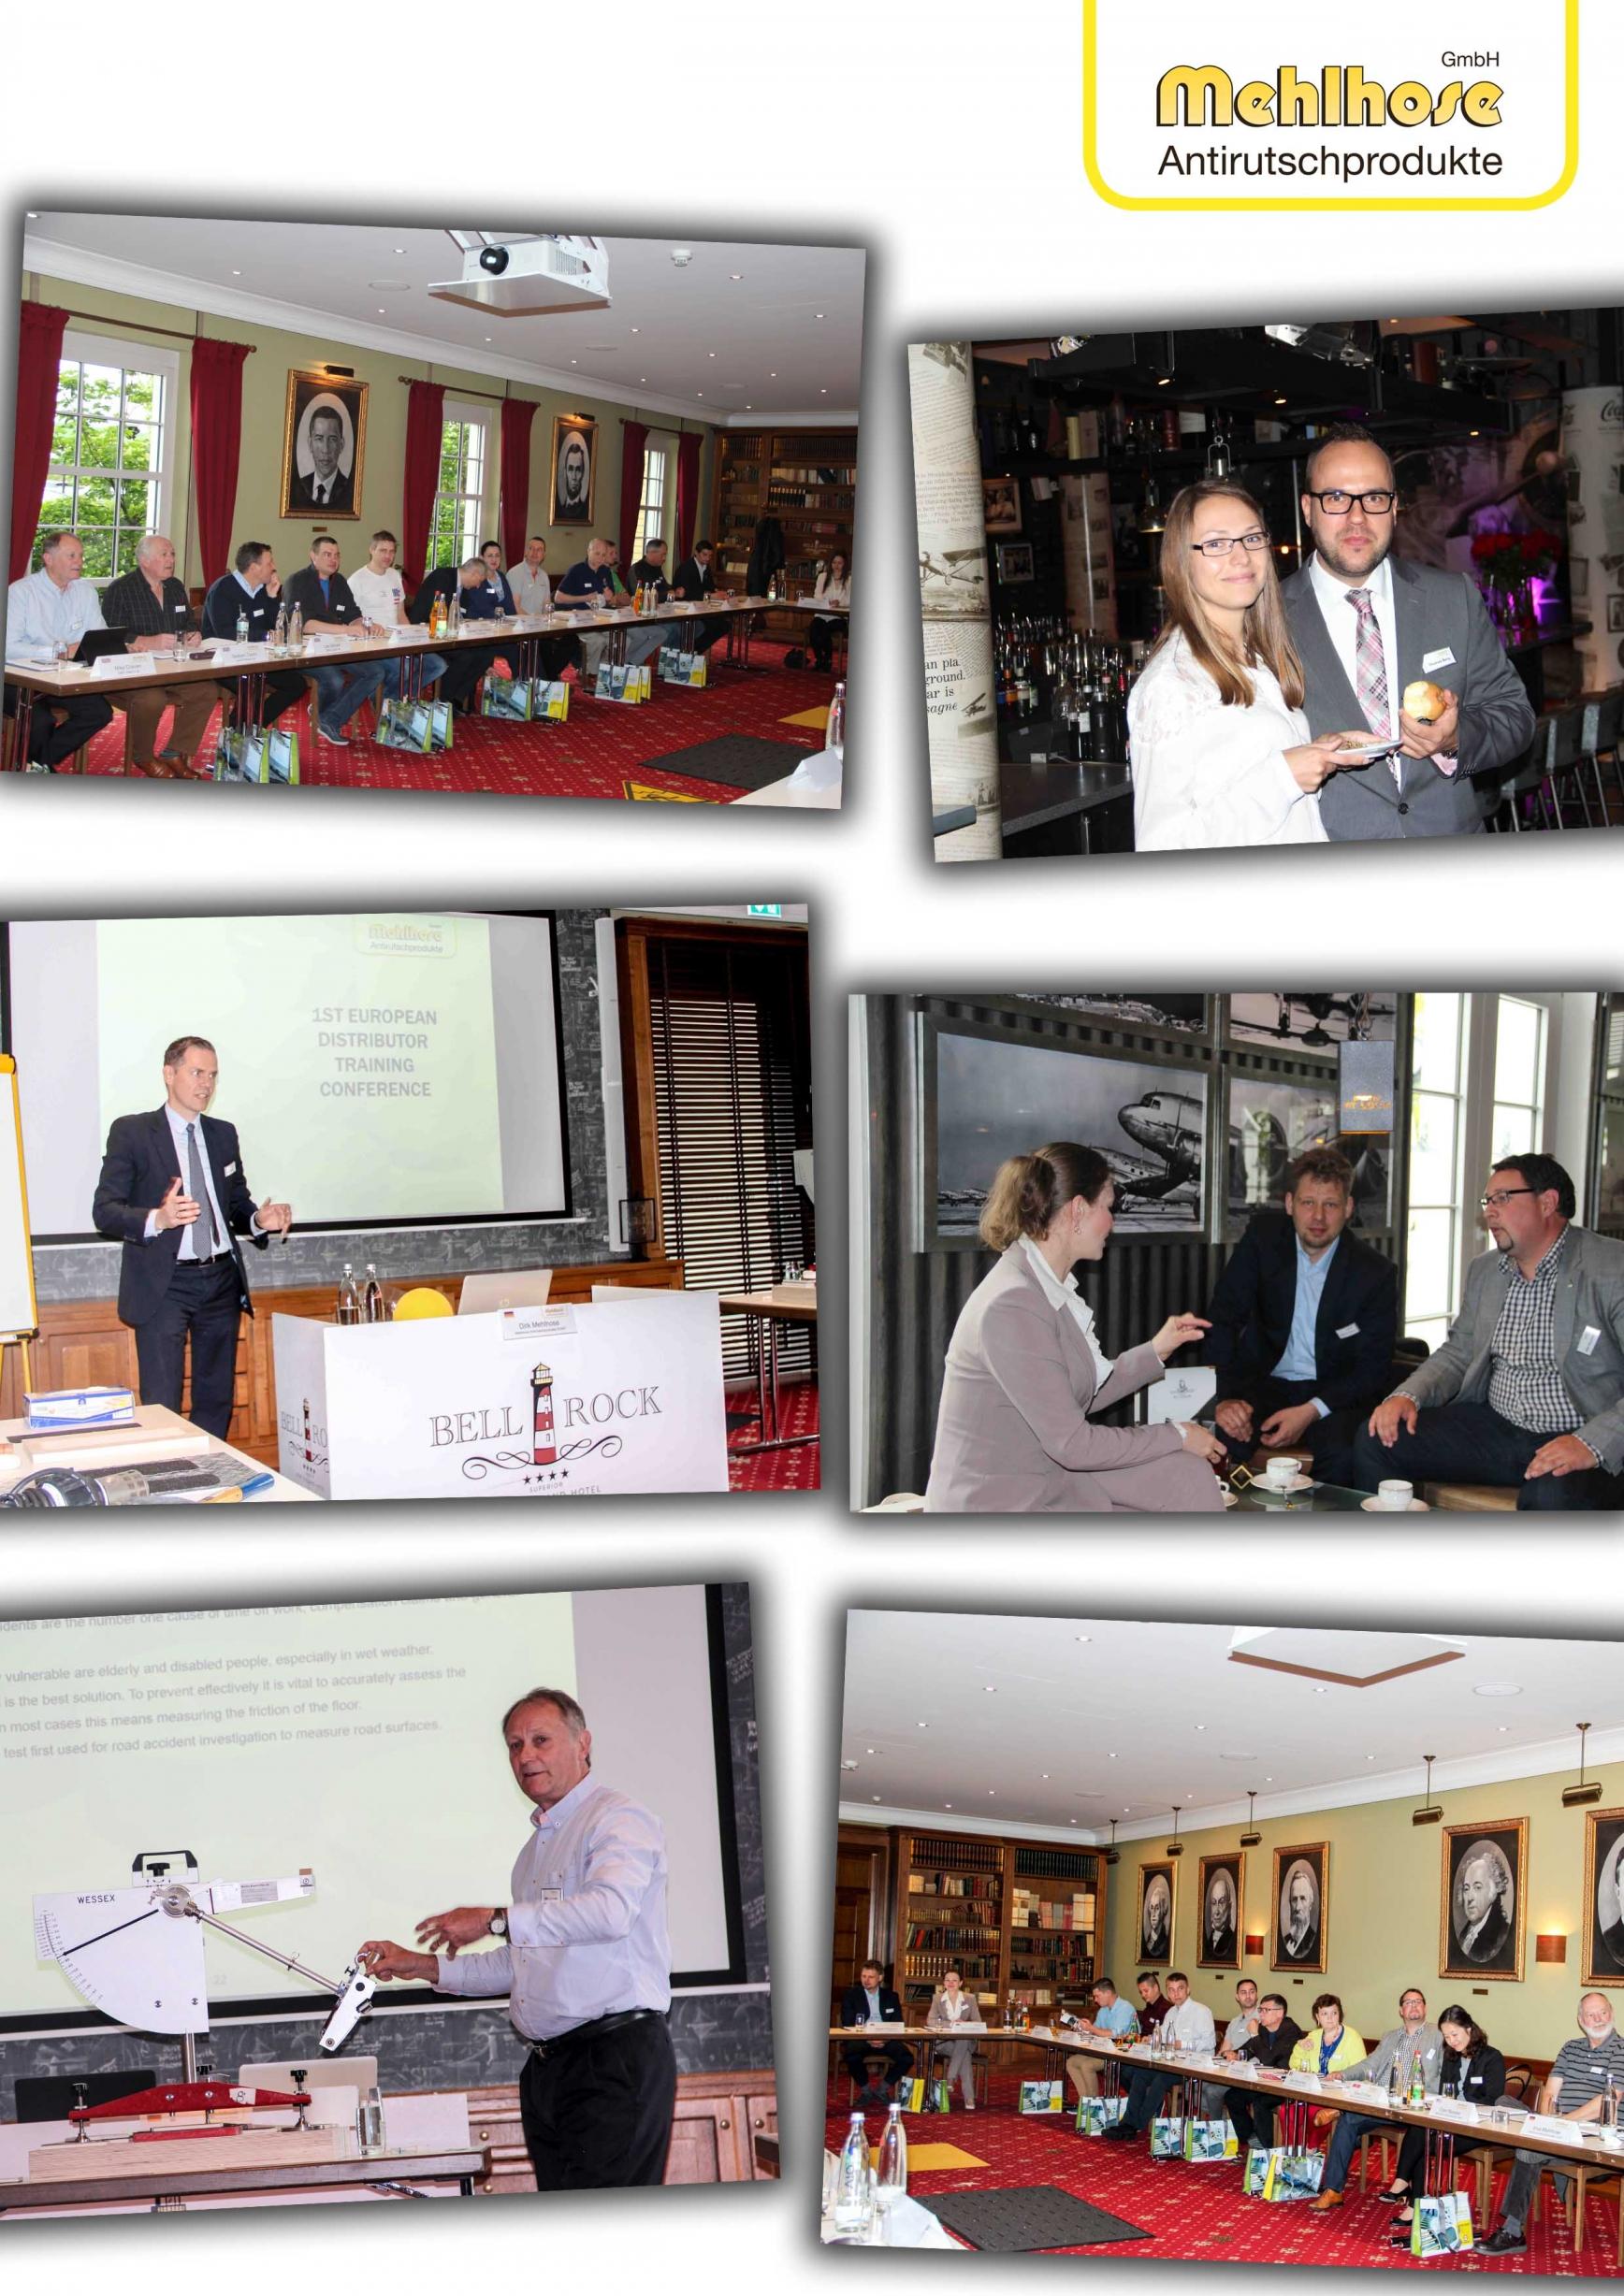 Обзор нашего первого тренинга «1st European Distributor Training», состоявшегося в отеле «Bell Rock» на курорте «Европа-парк» города Руст